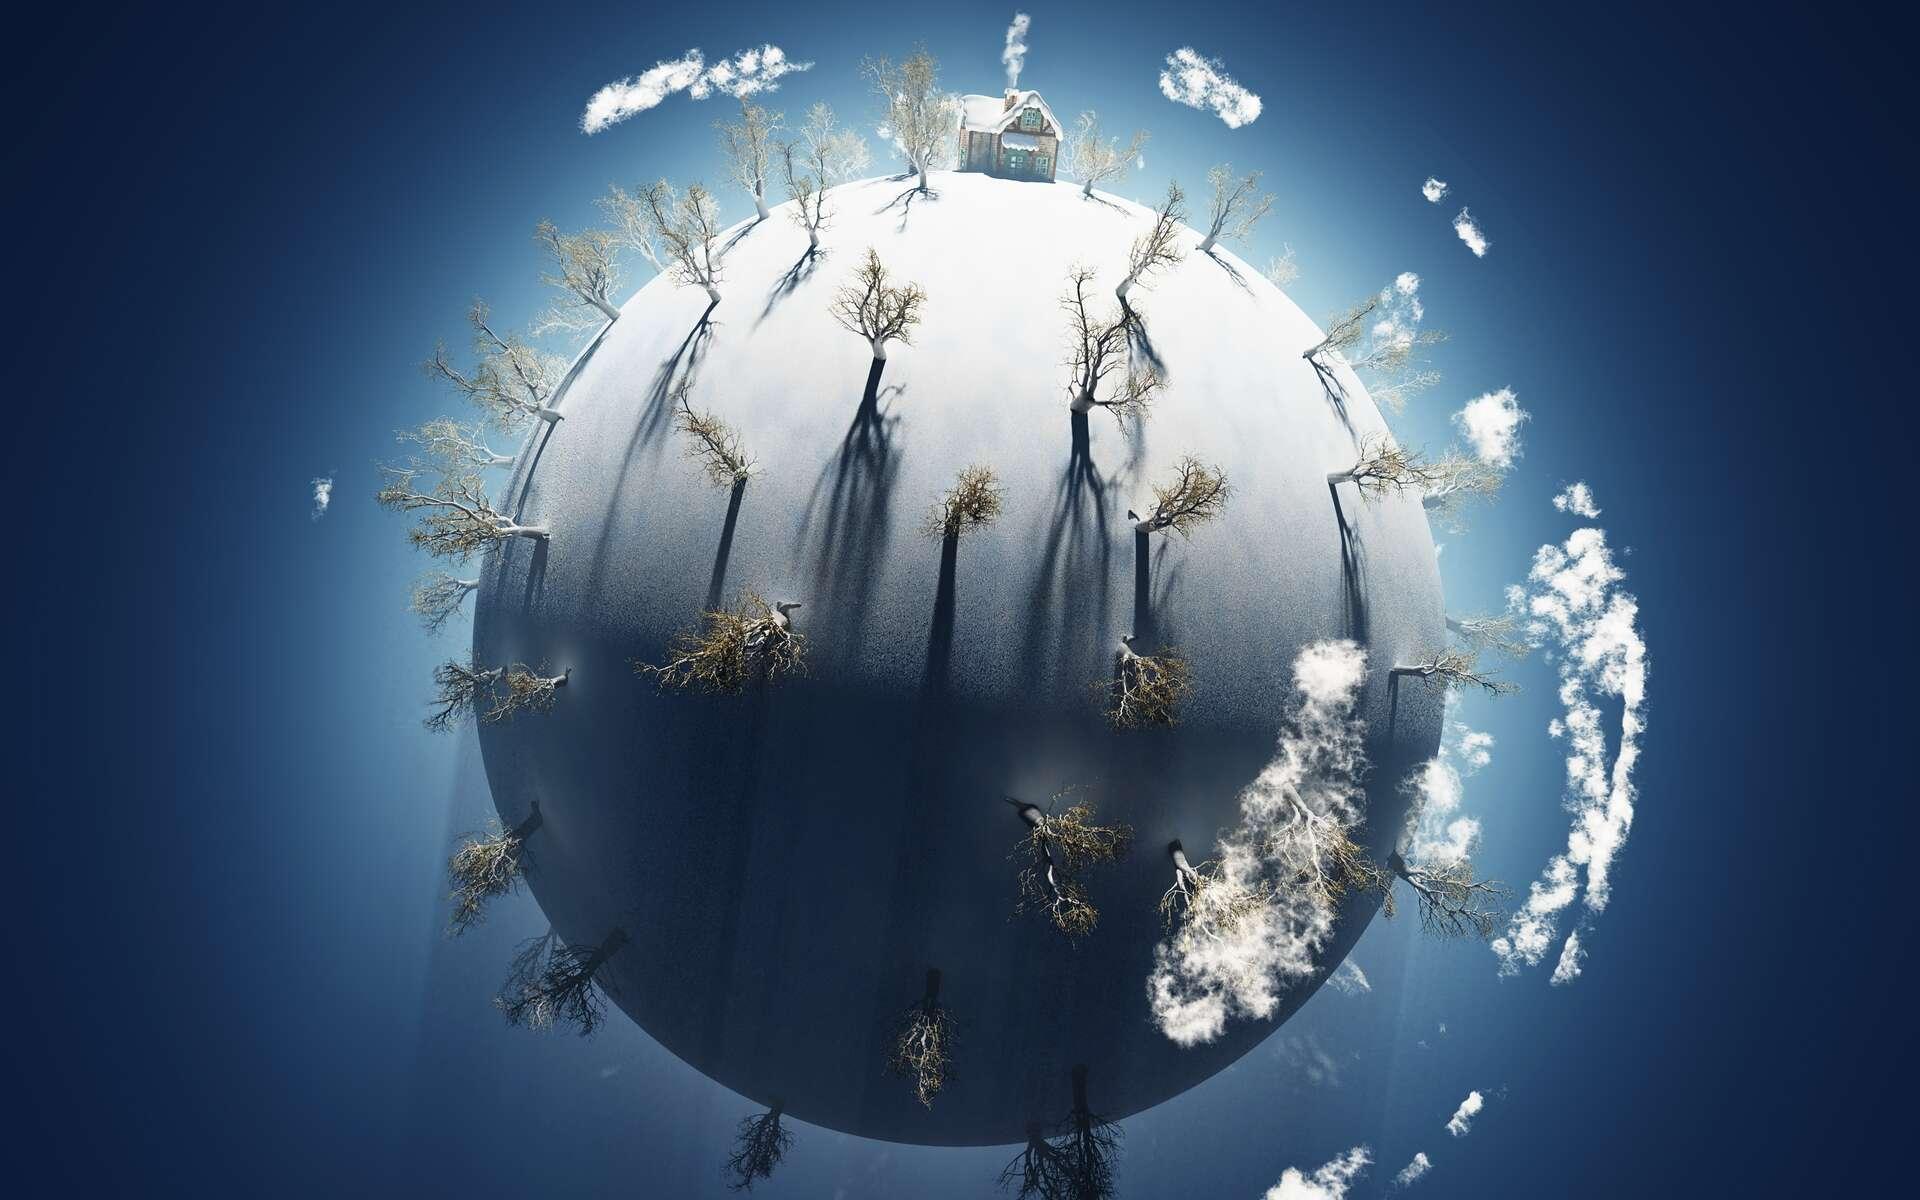 Dans le passé, la Terre aurait été (presque) entièrement recouverte de glace. © Photobank, Adobe Stock